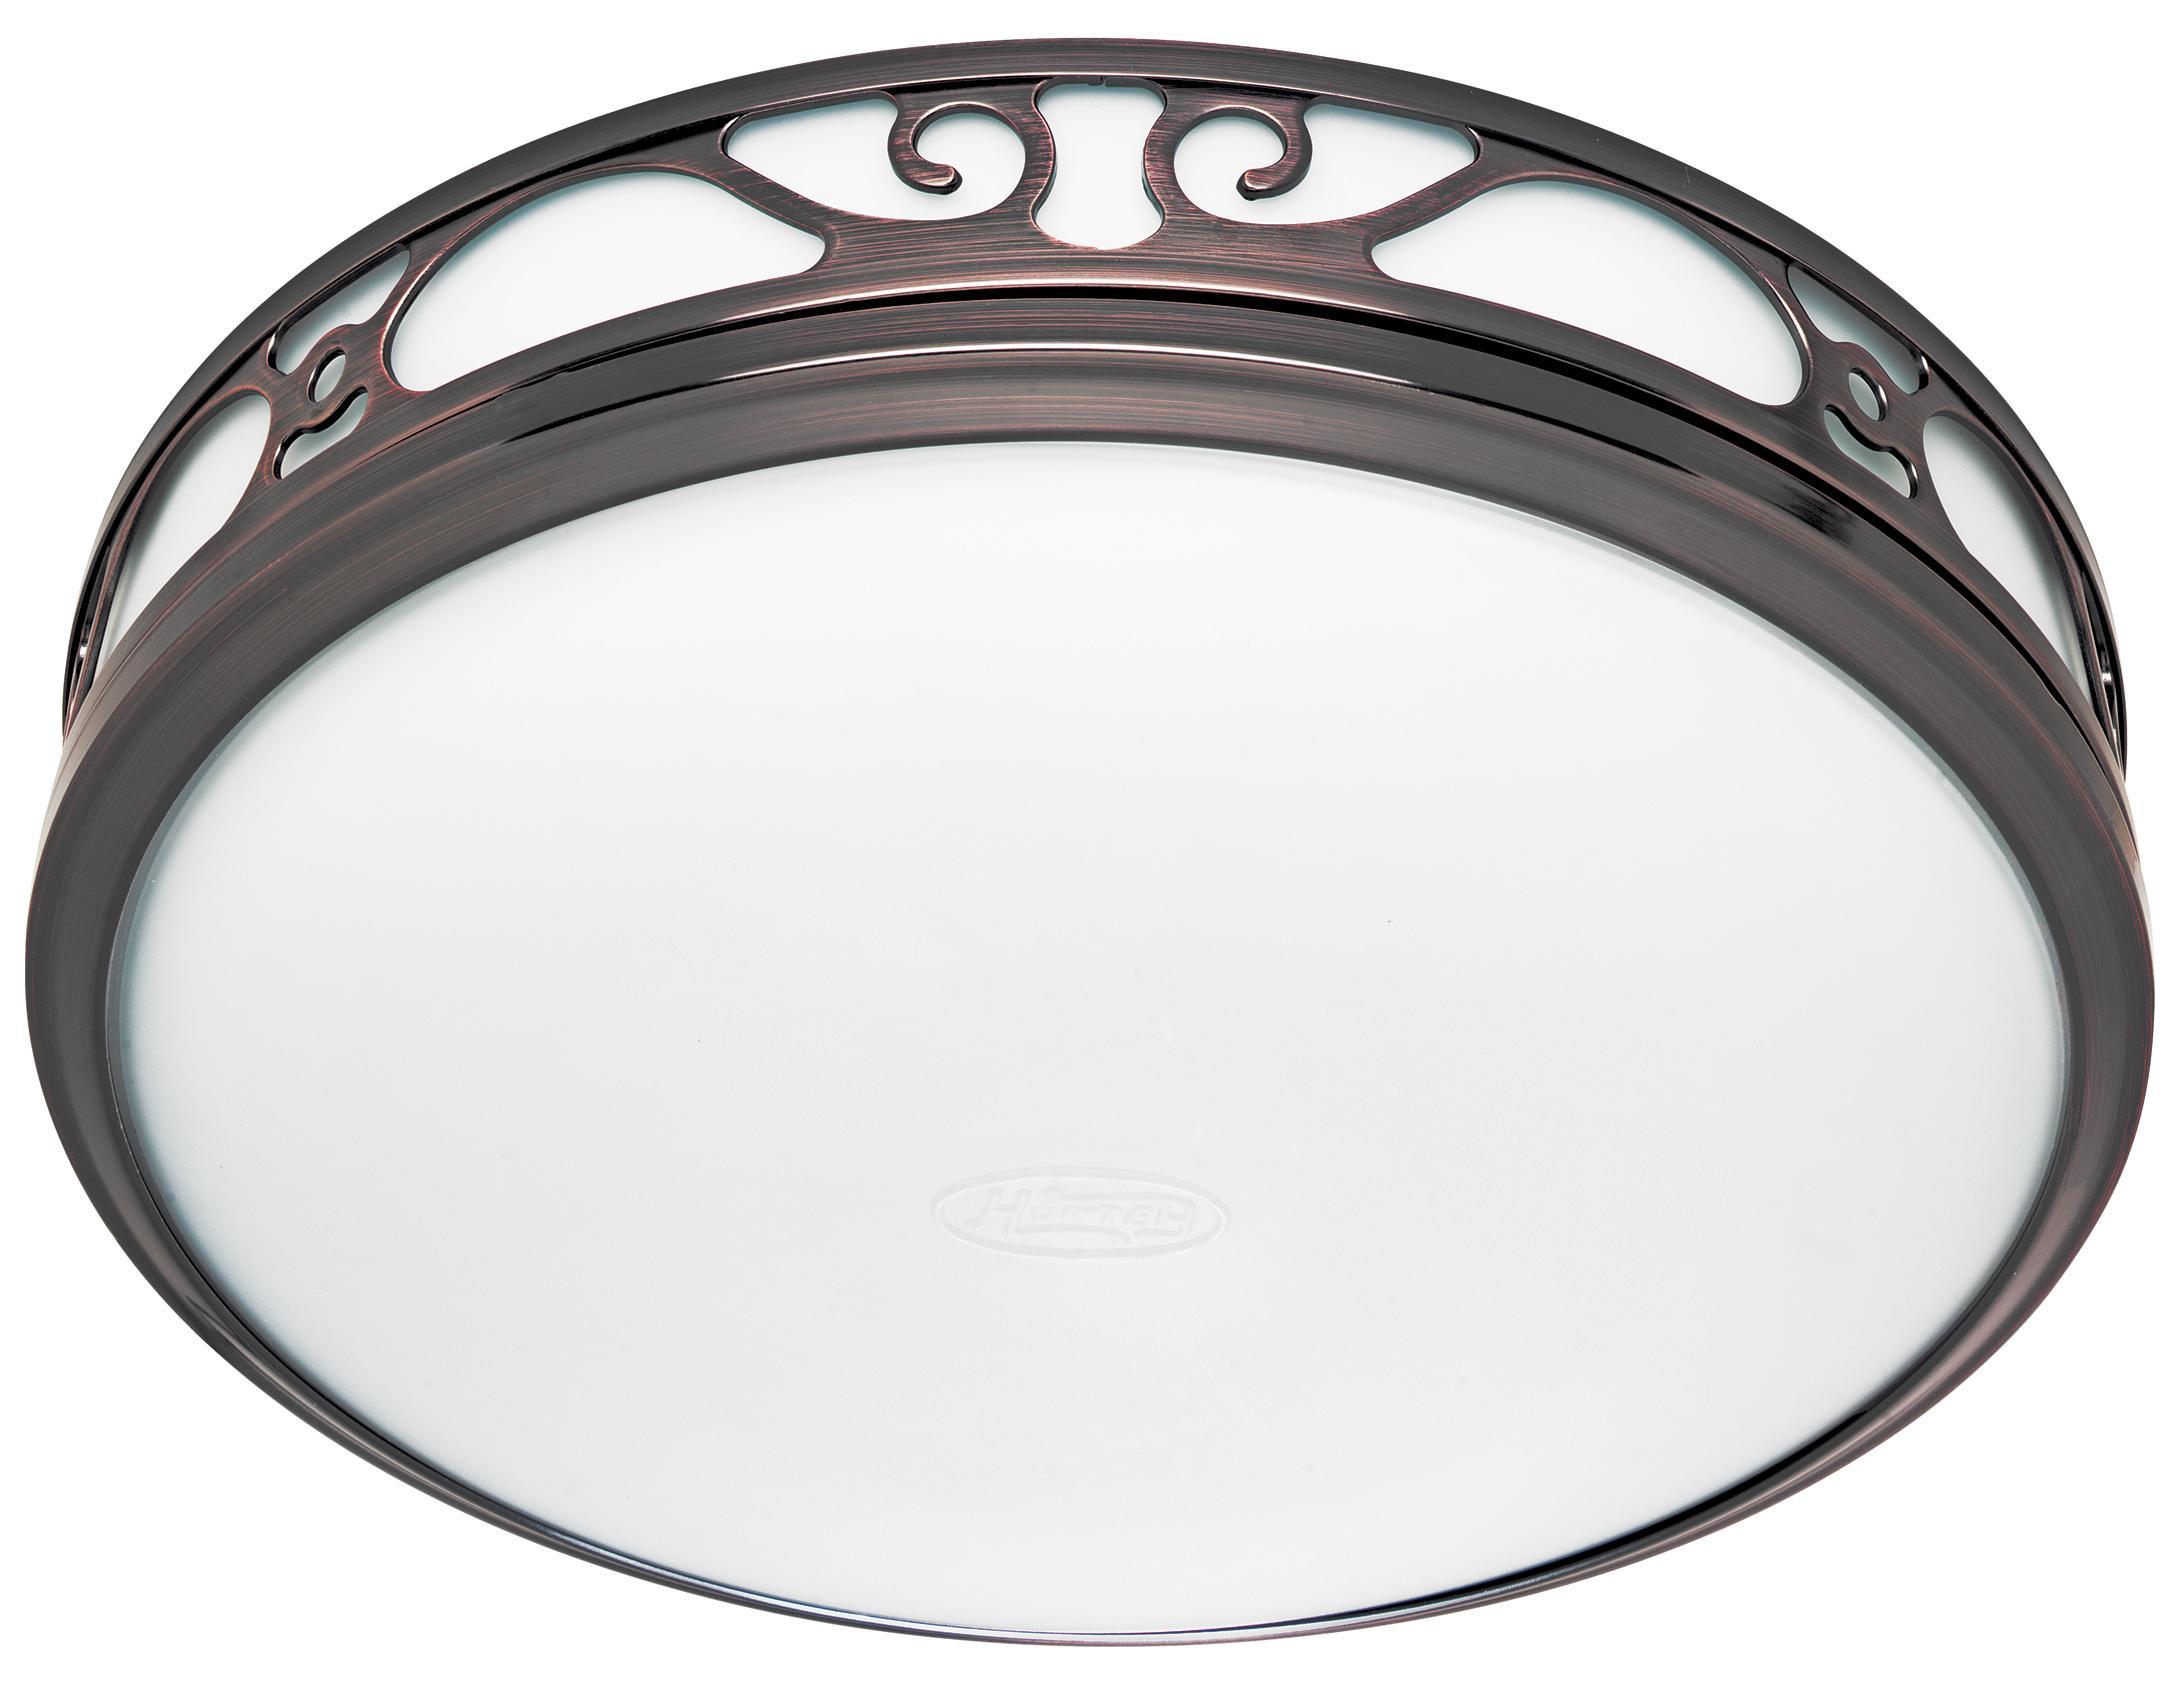 fan bathroom fan vent fan exhaust fan bathroom vent fan light. Black Bedroom Furniture Sets. Home Design Ideas